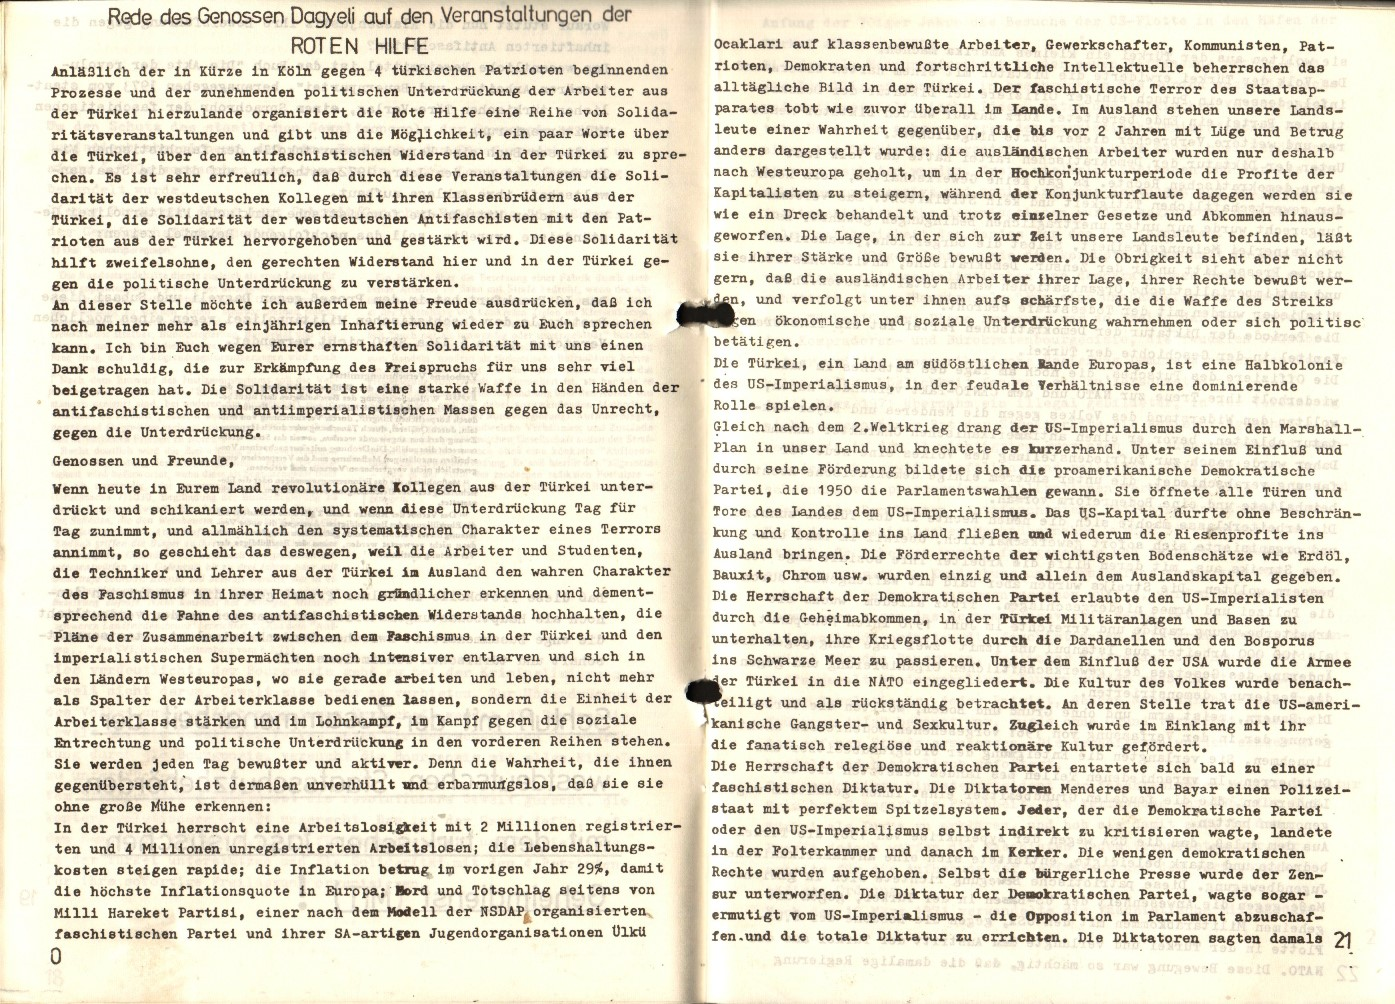 NRW_Rote_Hilfe_1975_Sofortige_Freilassung_der_tuerkischen_Patrioten_12